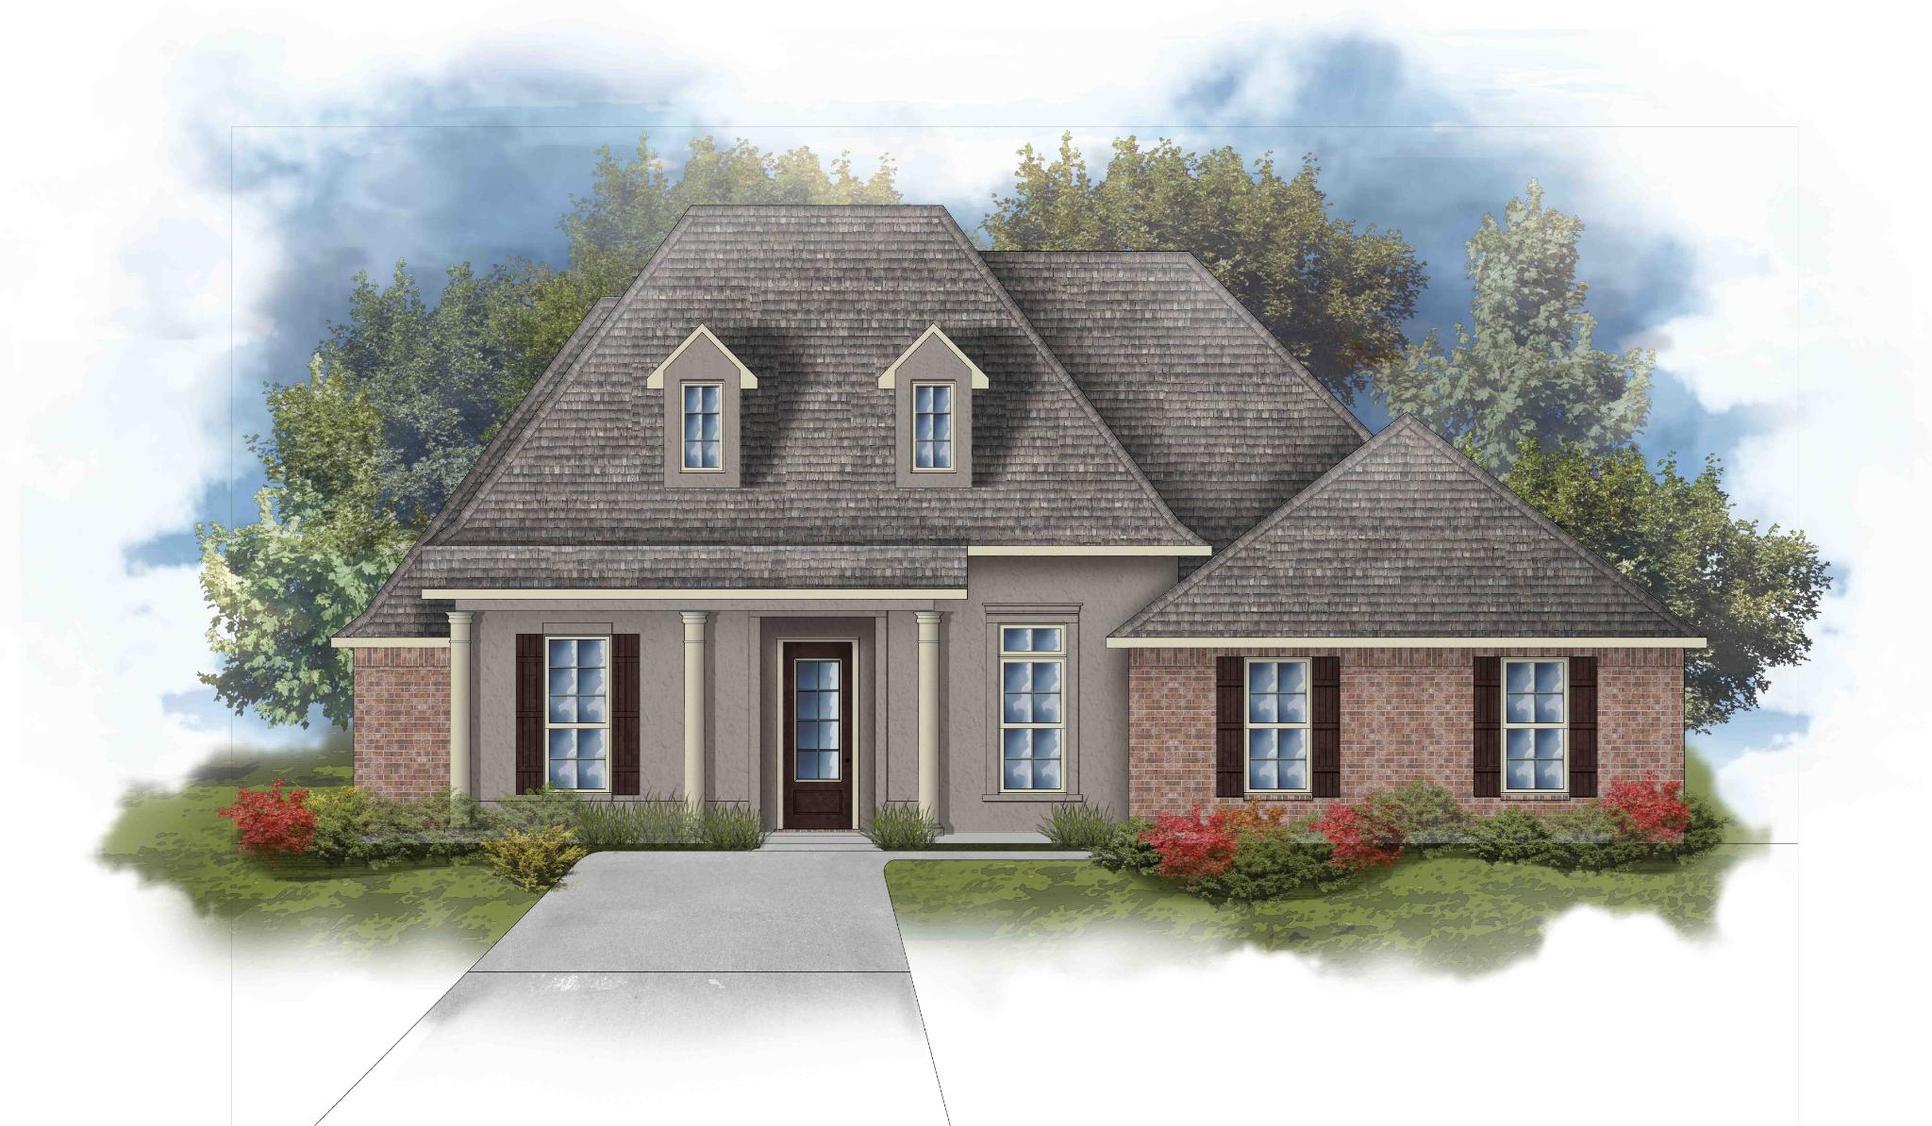 Renoir III C Open Floorplan Elevation Image - DSLD Homes